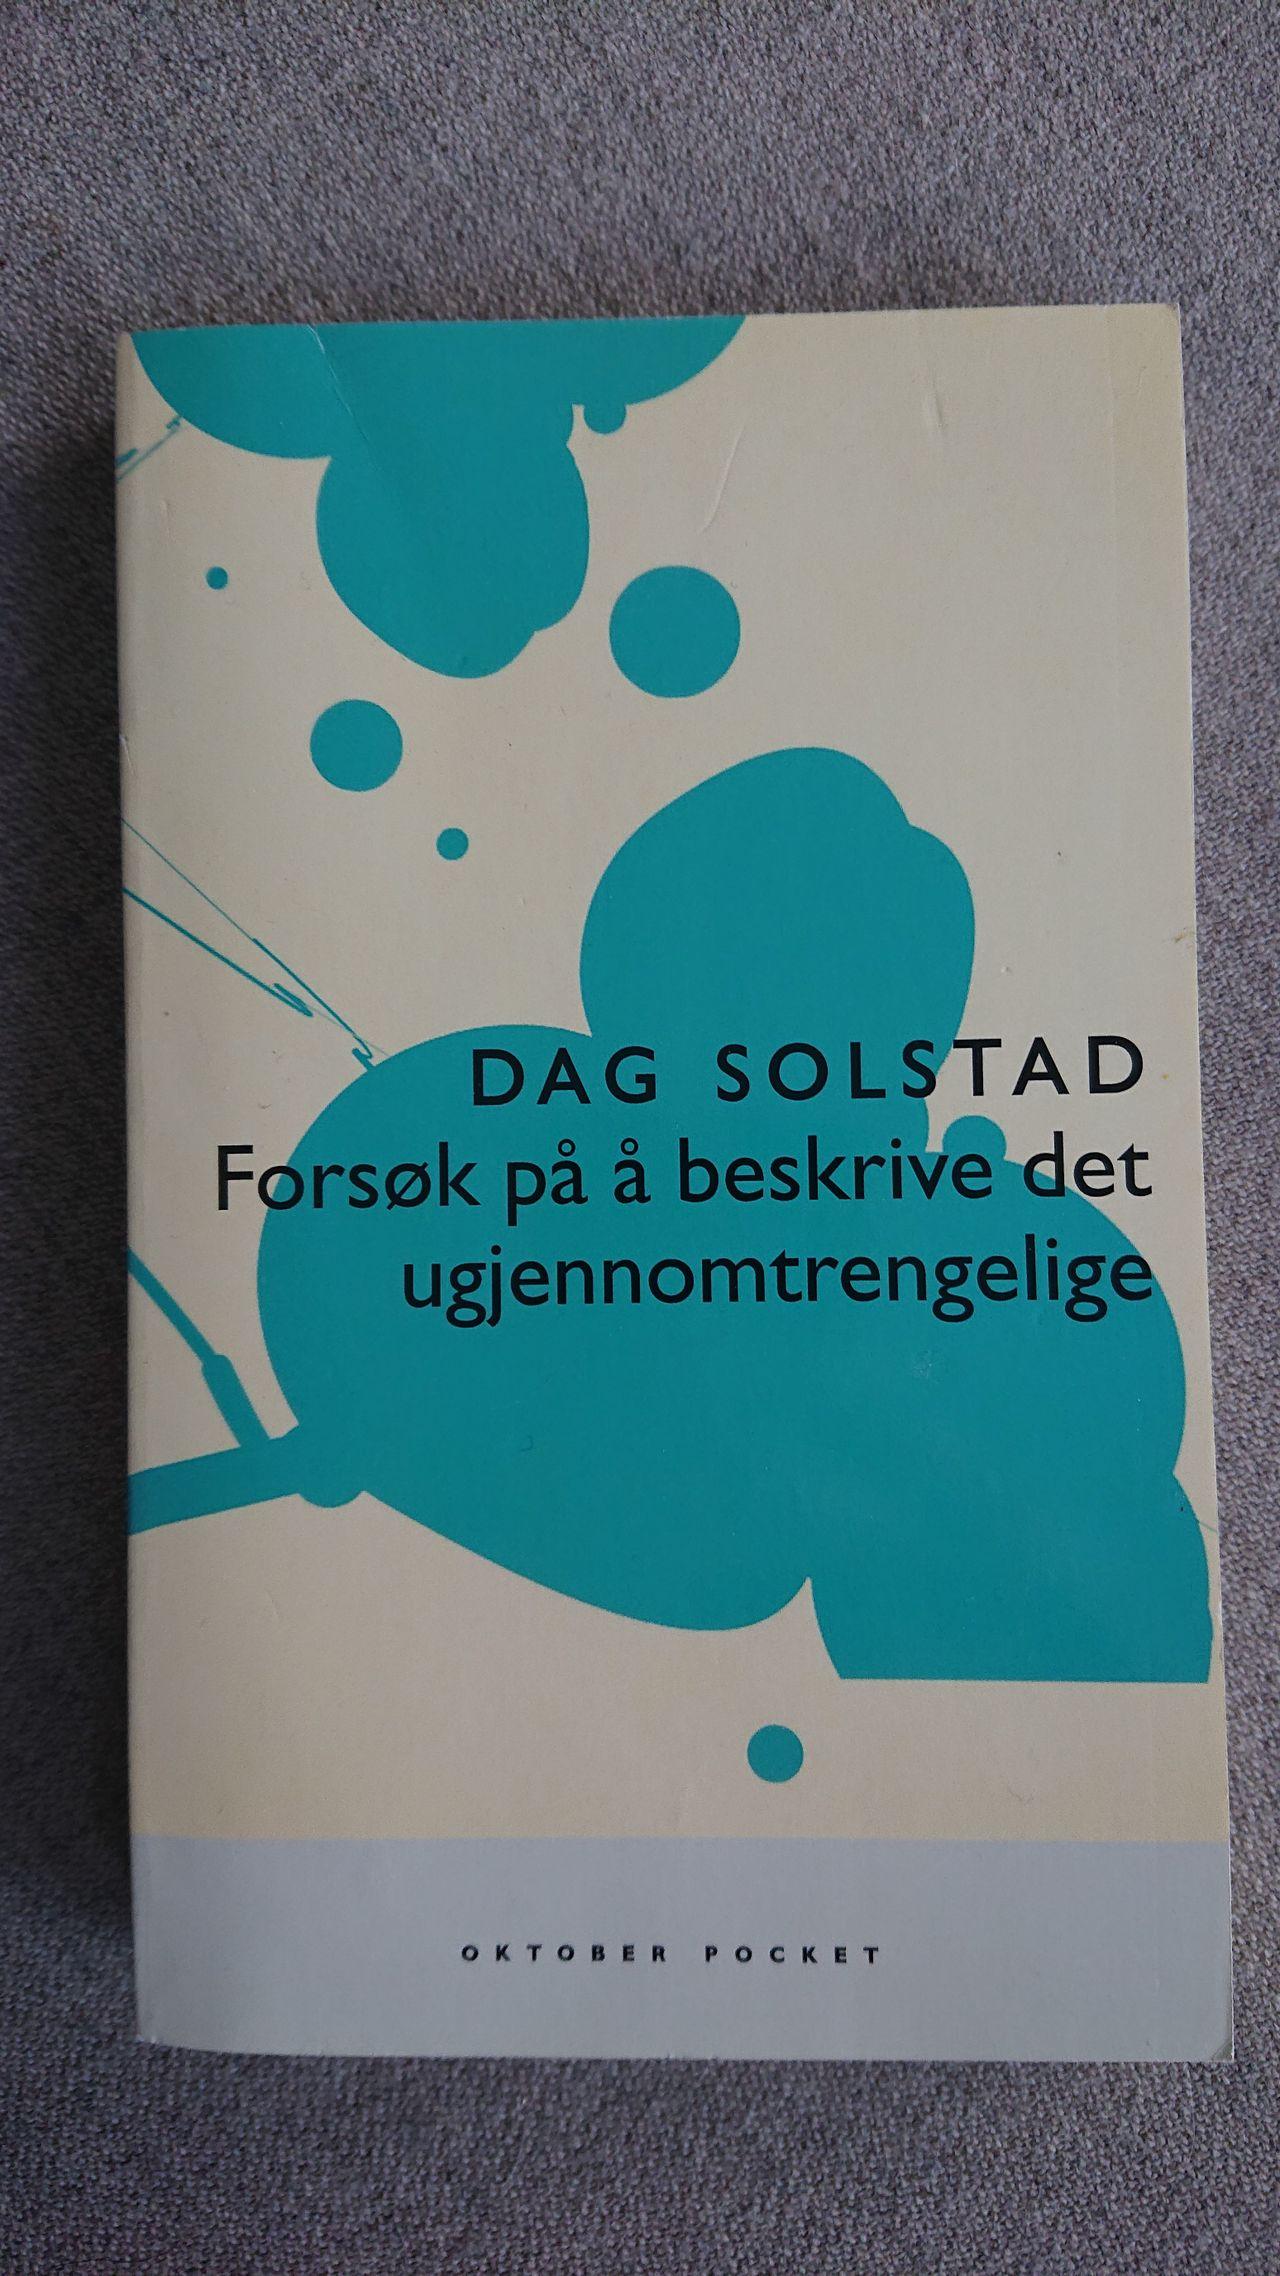 Forsøk på å beskrive den ugjennomtrengelige | morgenbladet.no